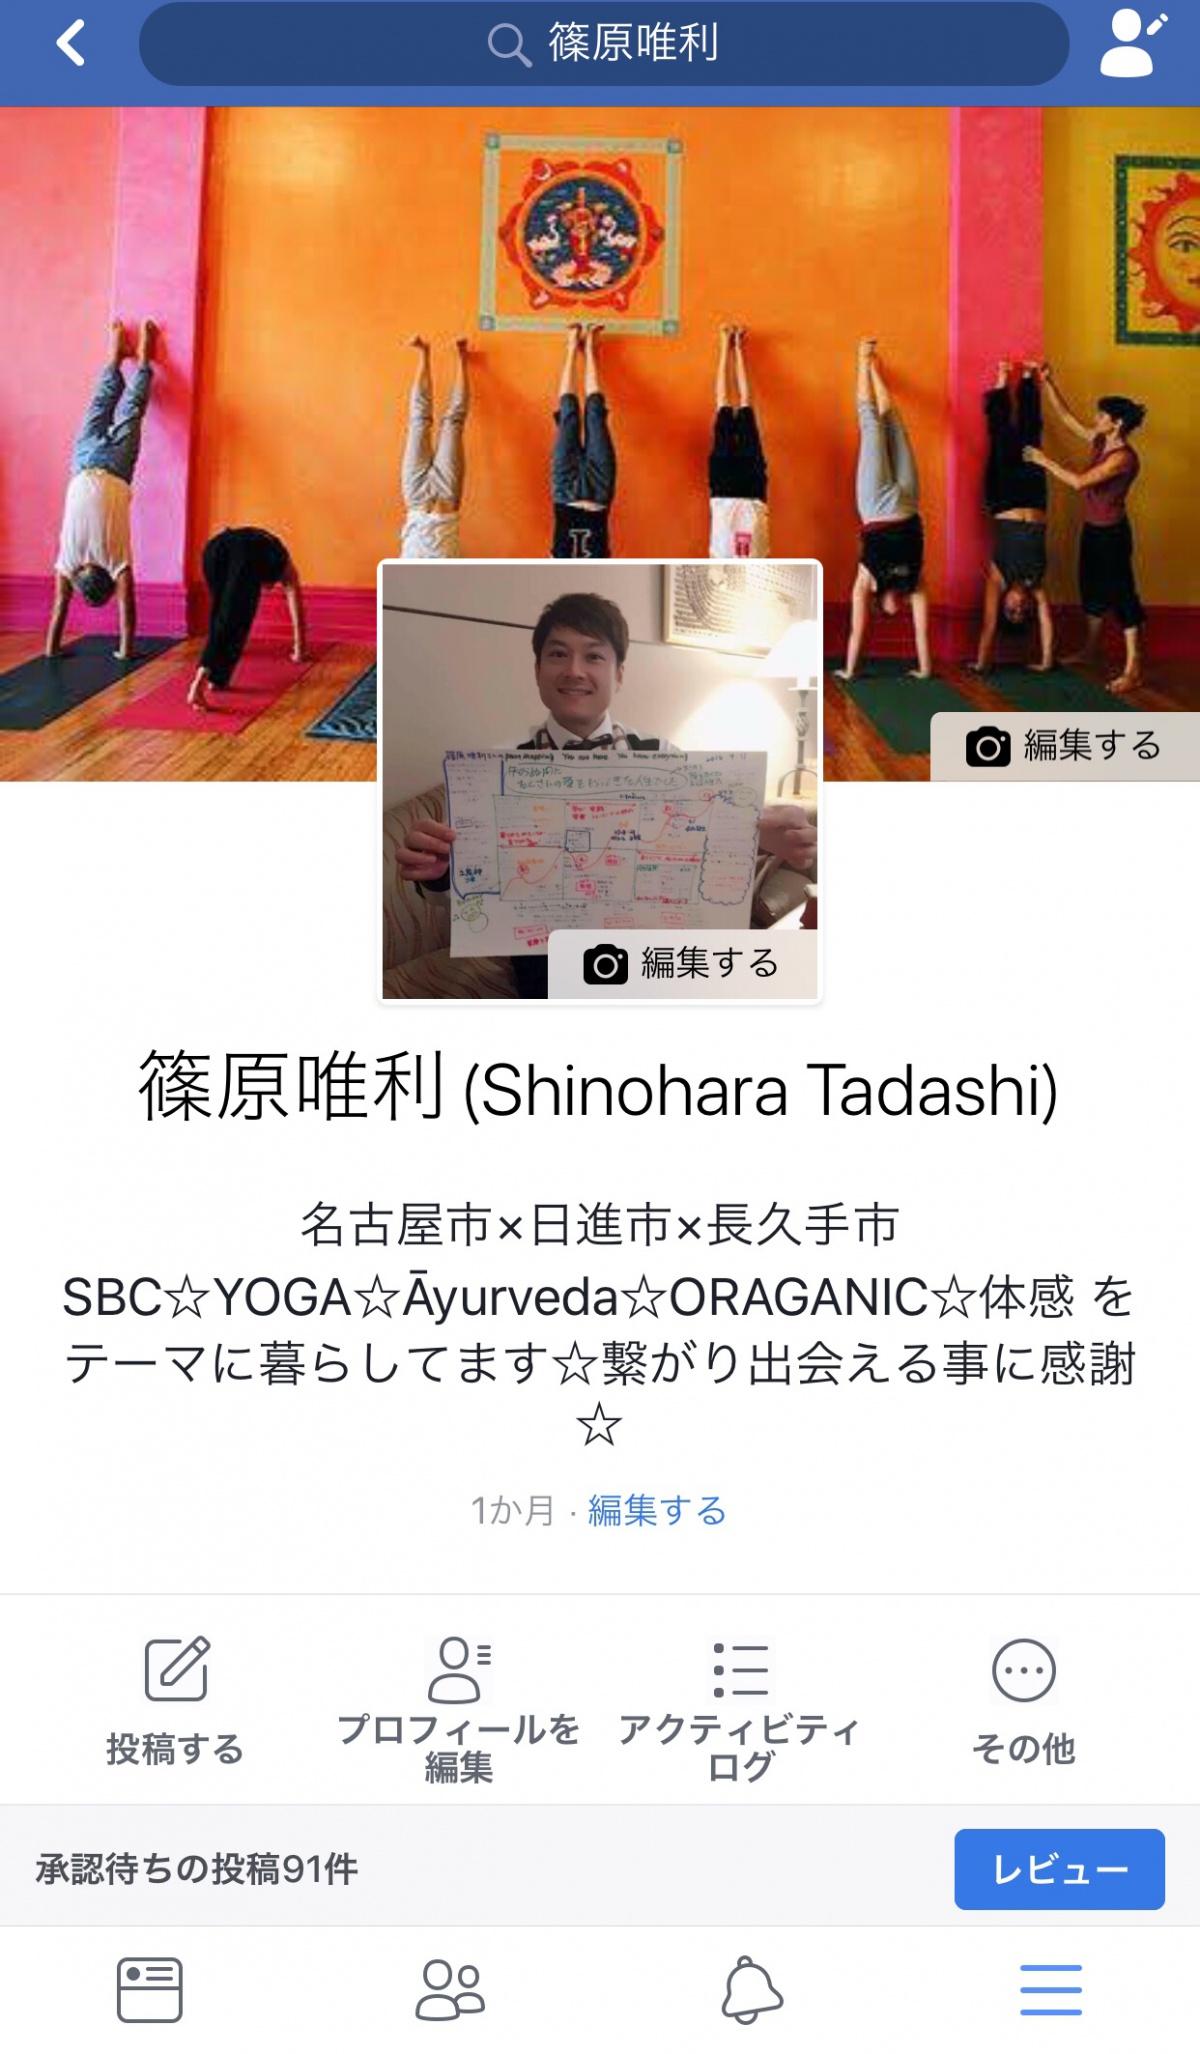 ヨーガ&アーユルヴェーダのShinoharaブログ